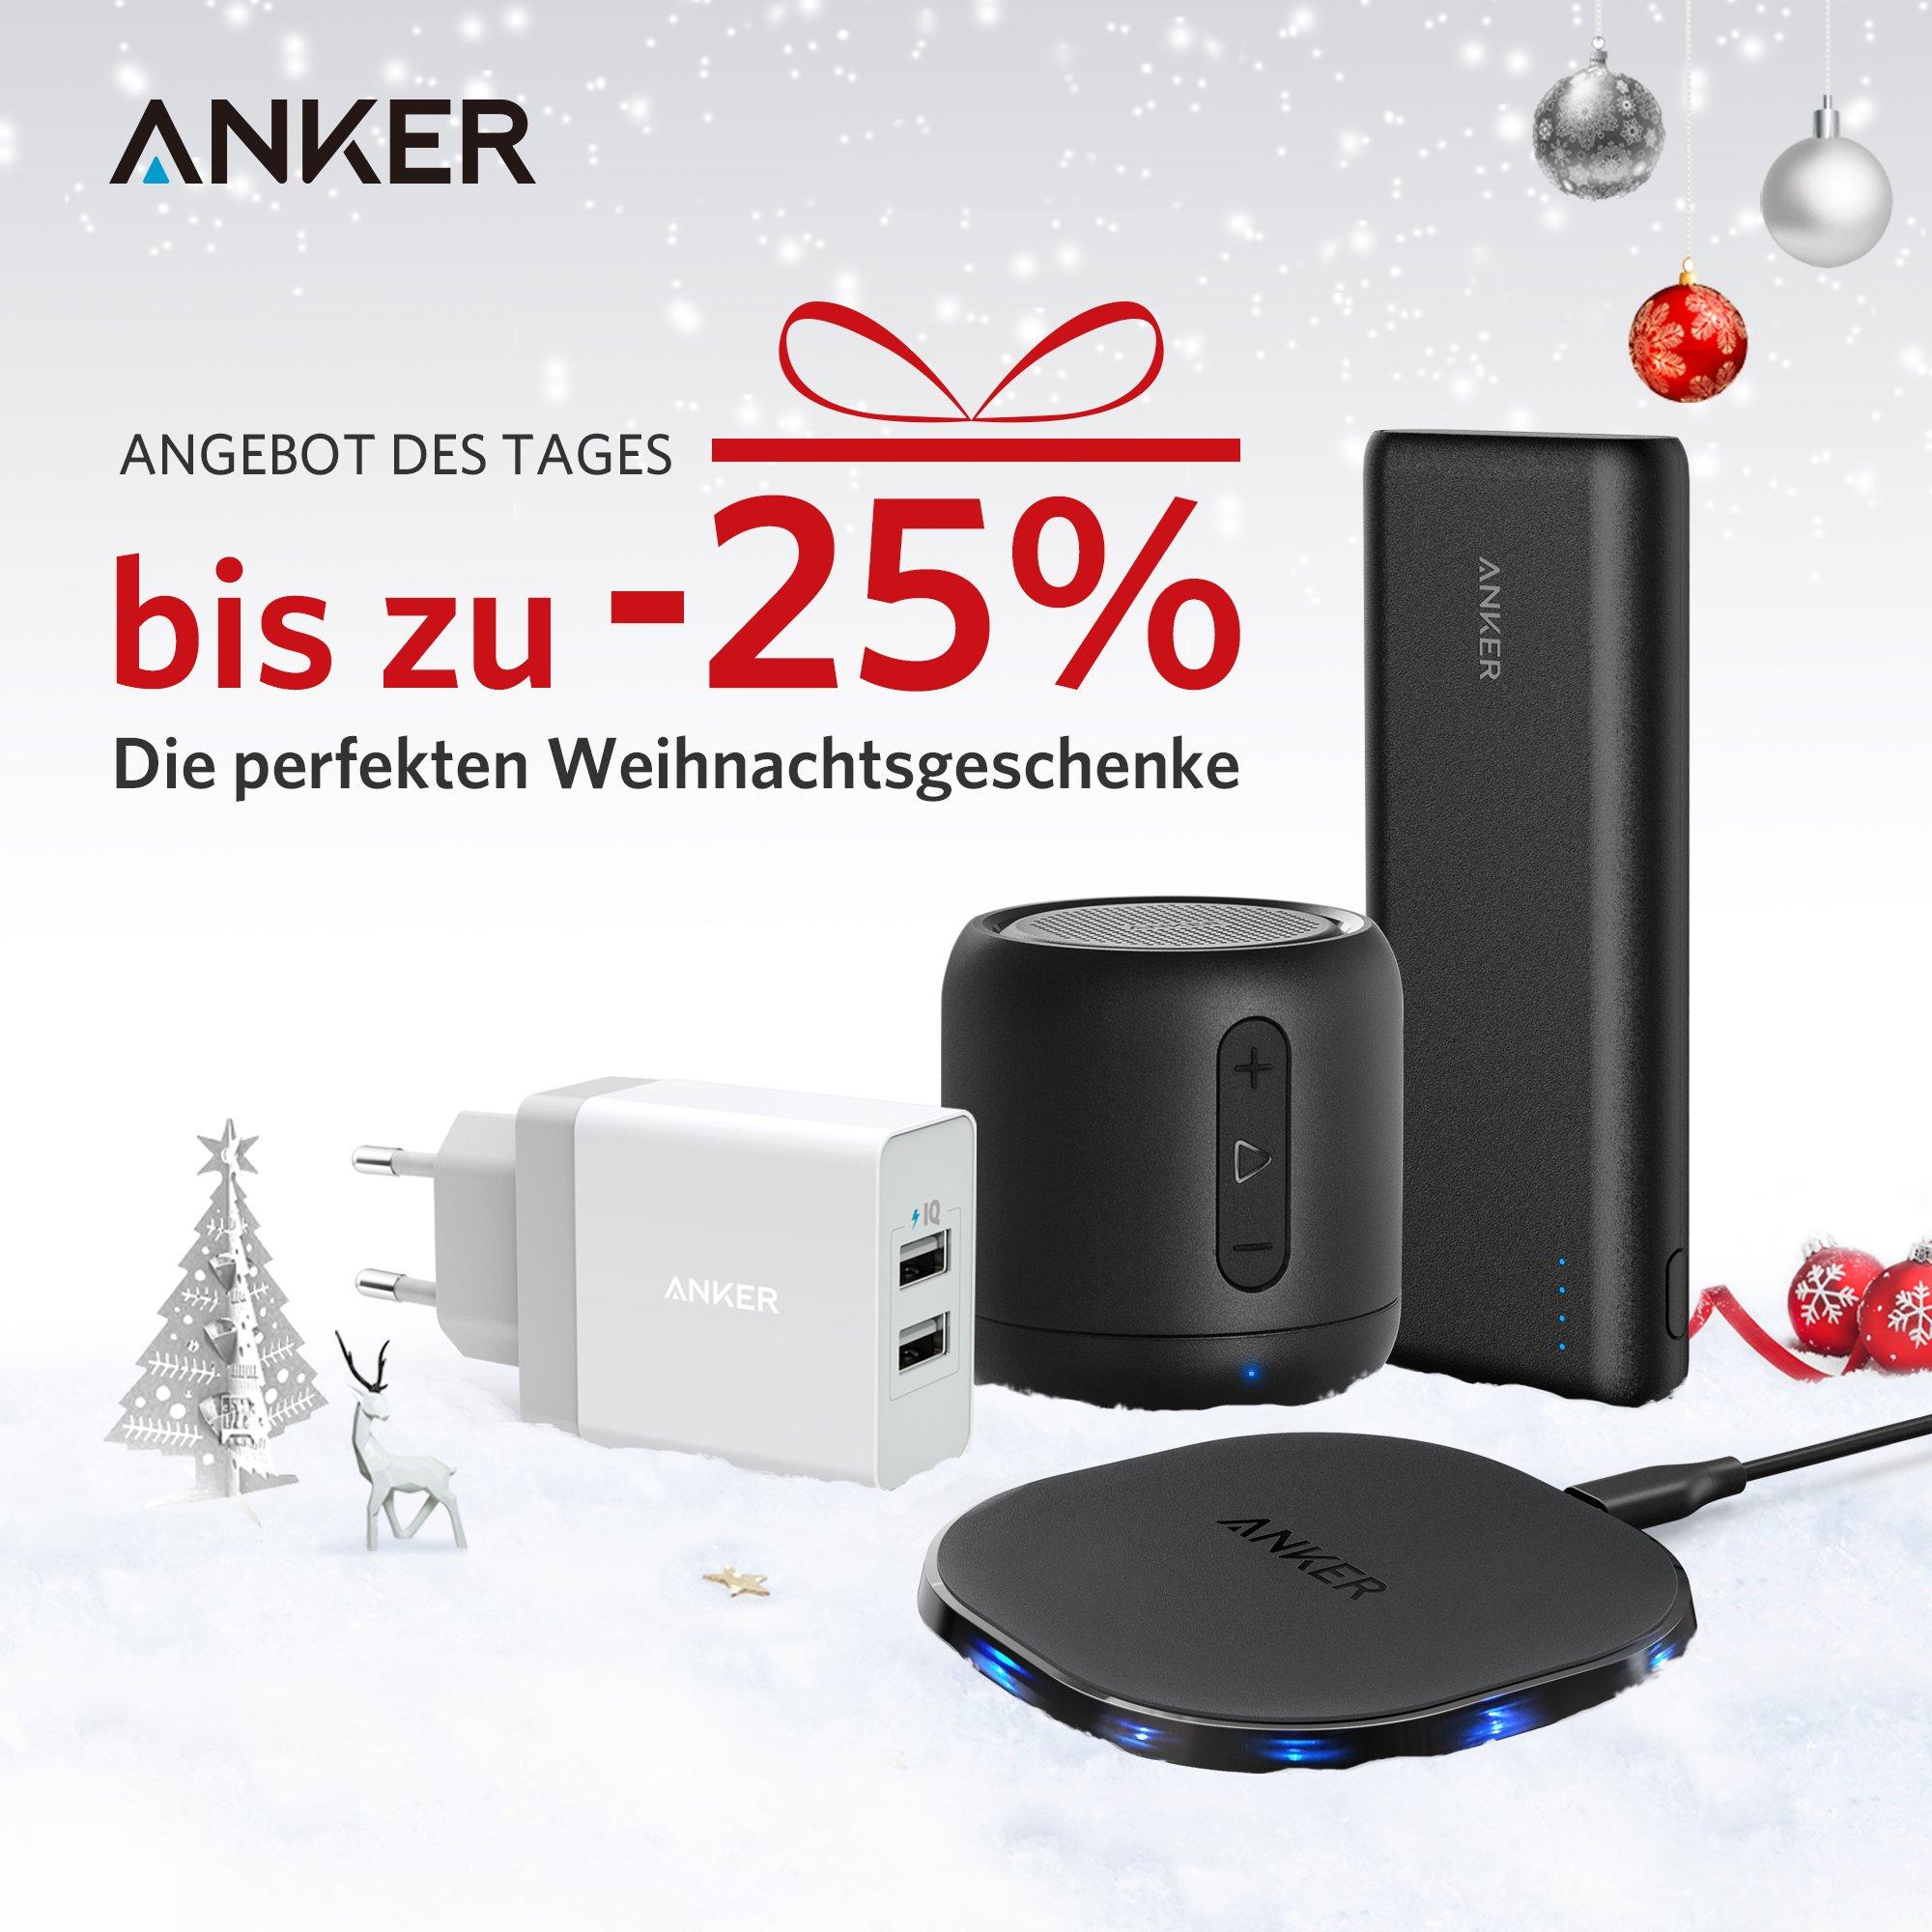 Anker Weihnachts-Aktion: 25% Rabatt auf externe Akkus & Ladegeräte 1